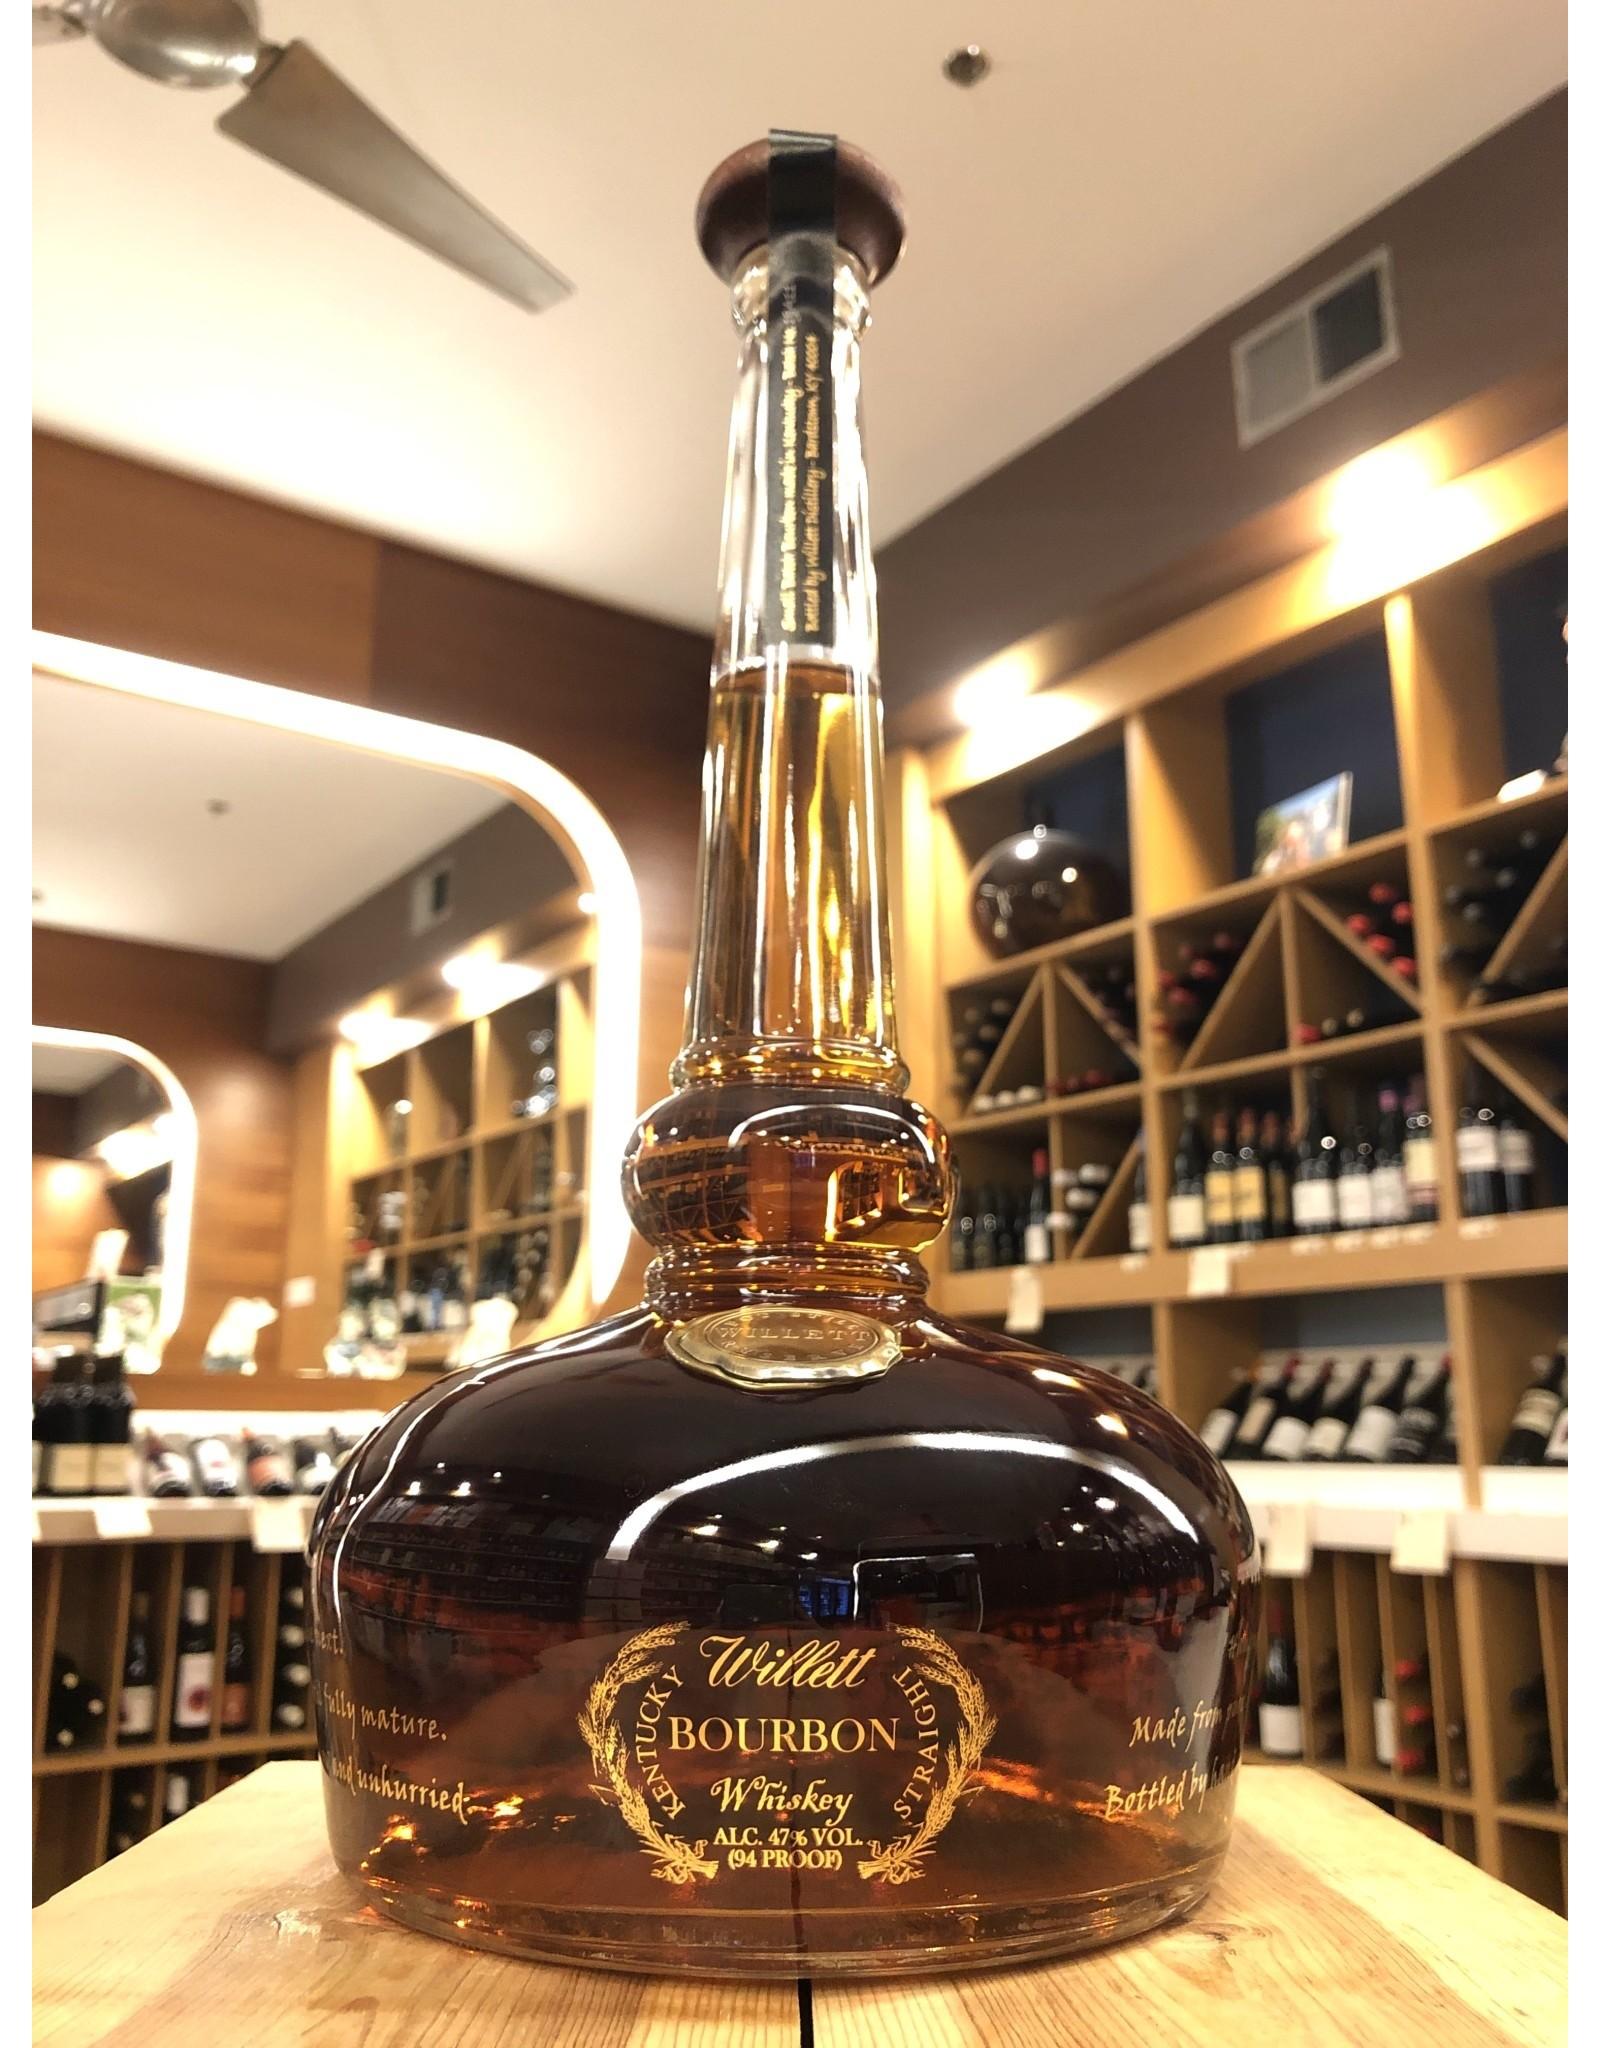 Willett Pot Still Bourbon - 1.75 Liter